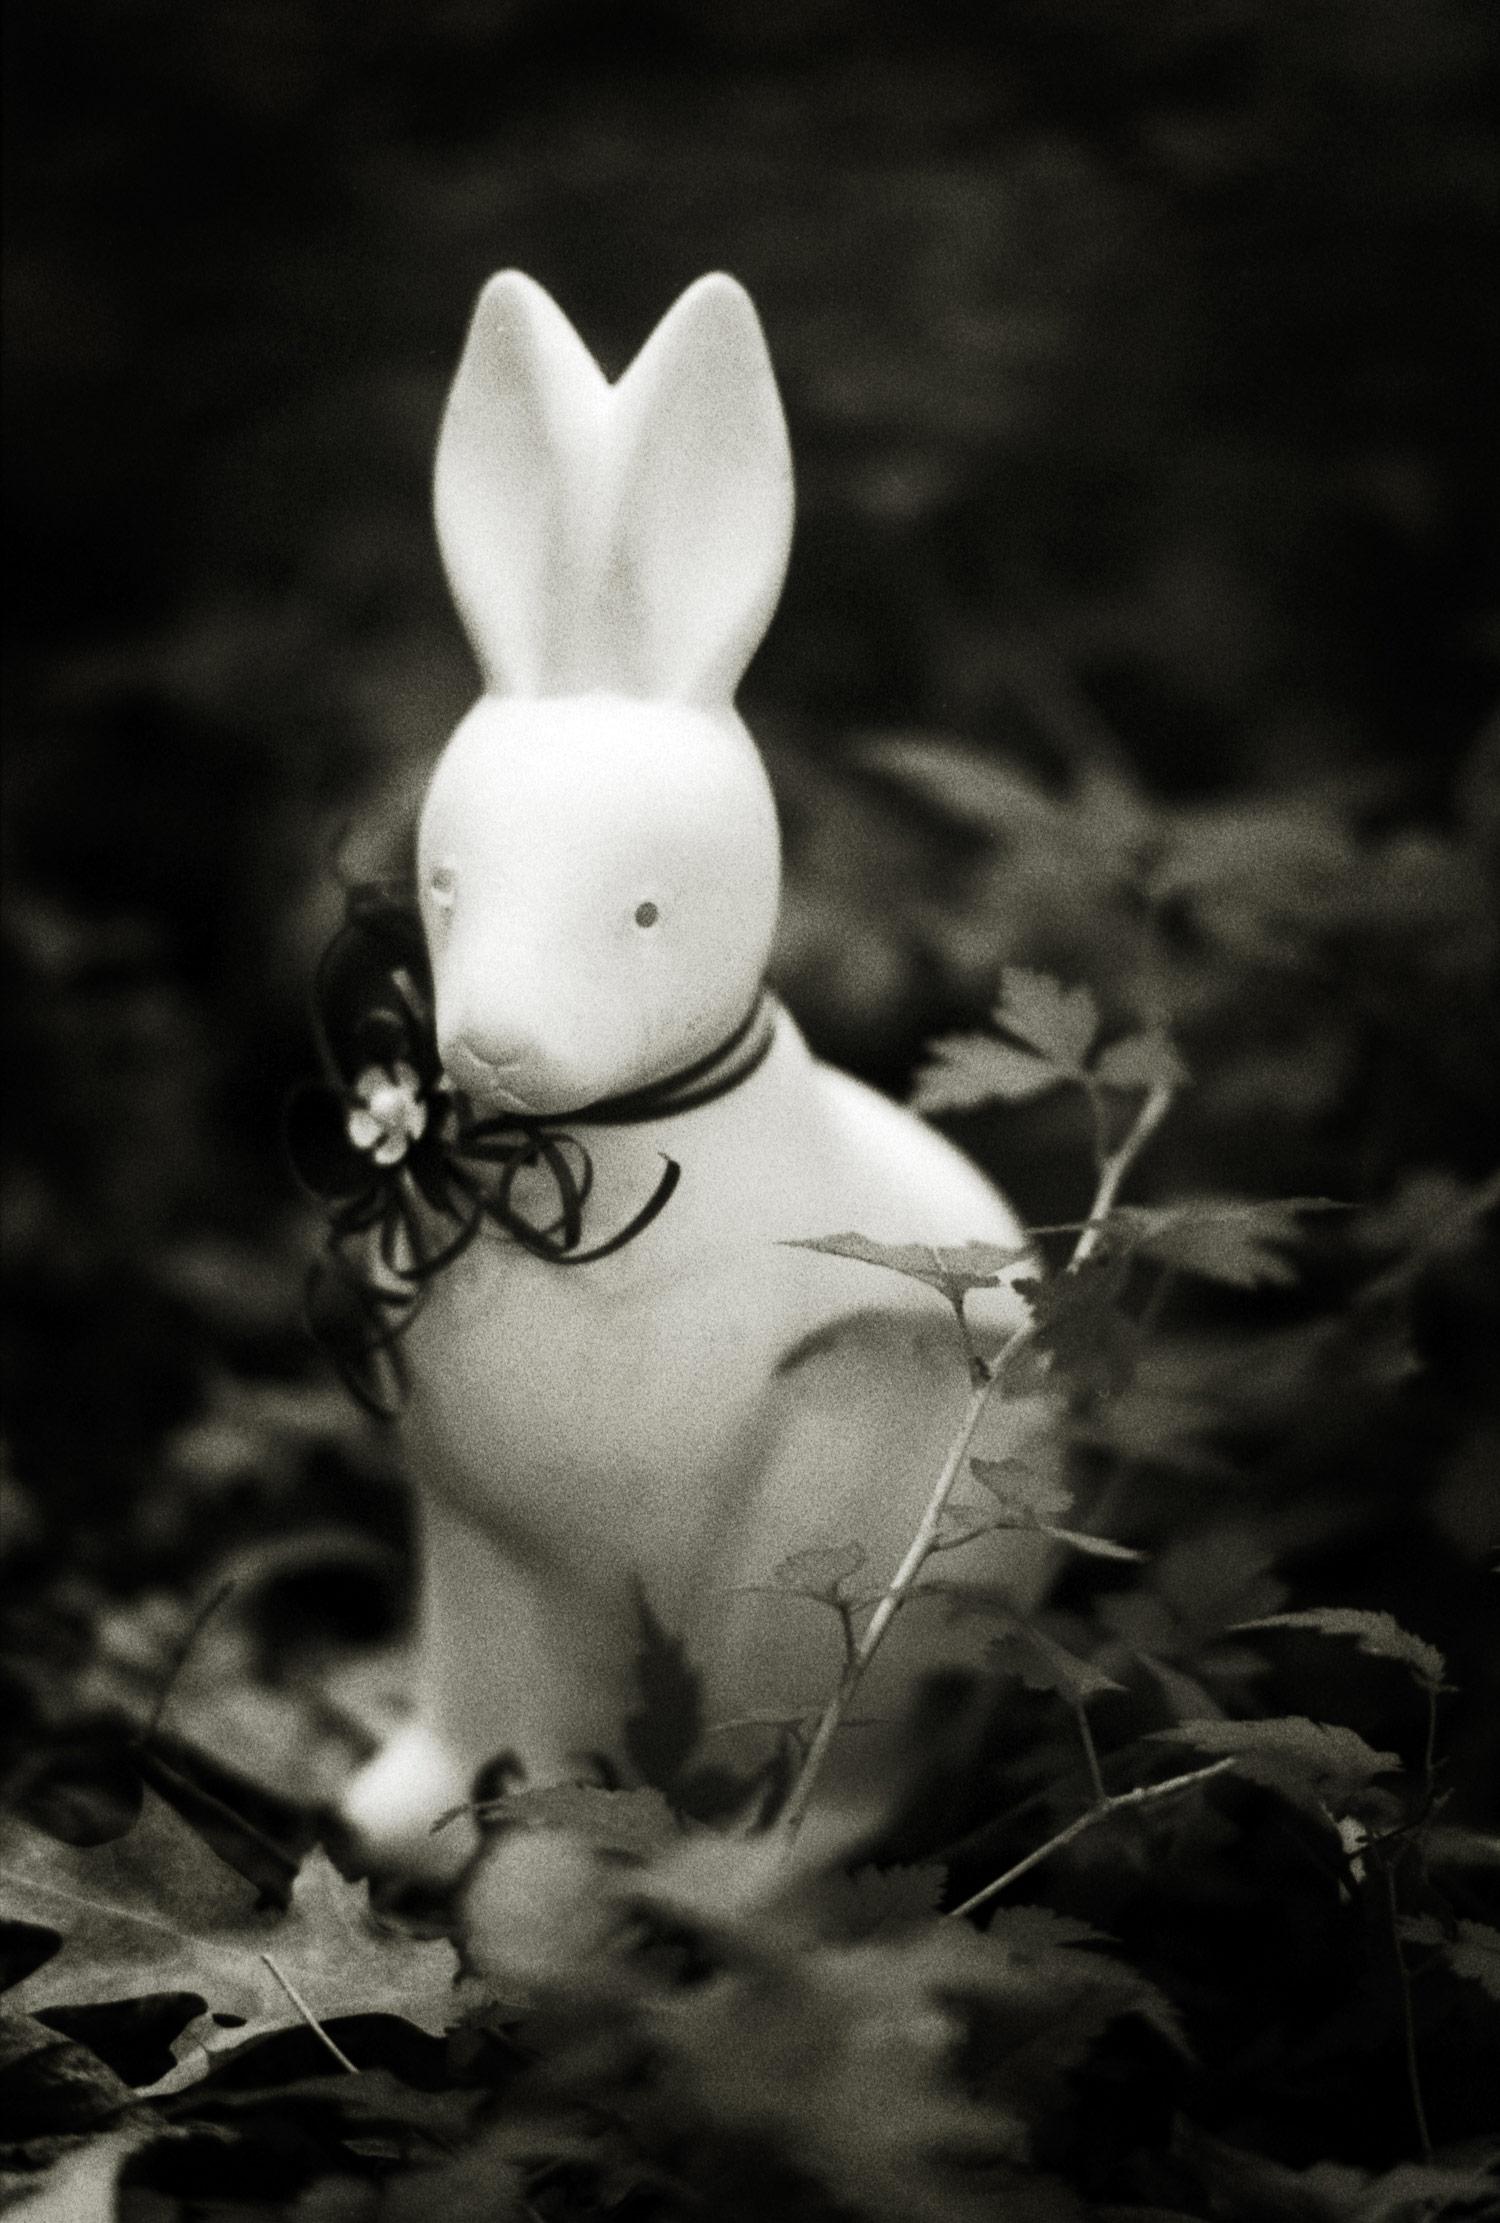 100802_bunnies_1-10.jpg